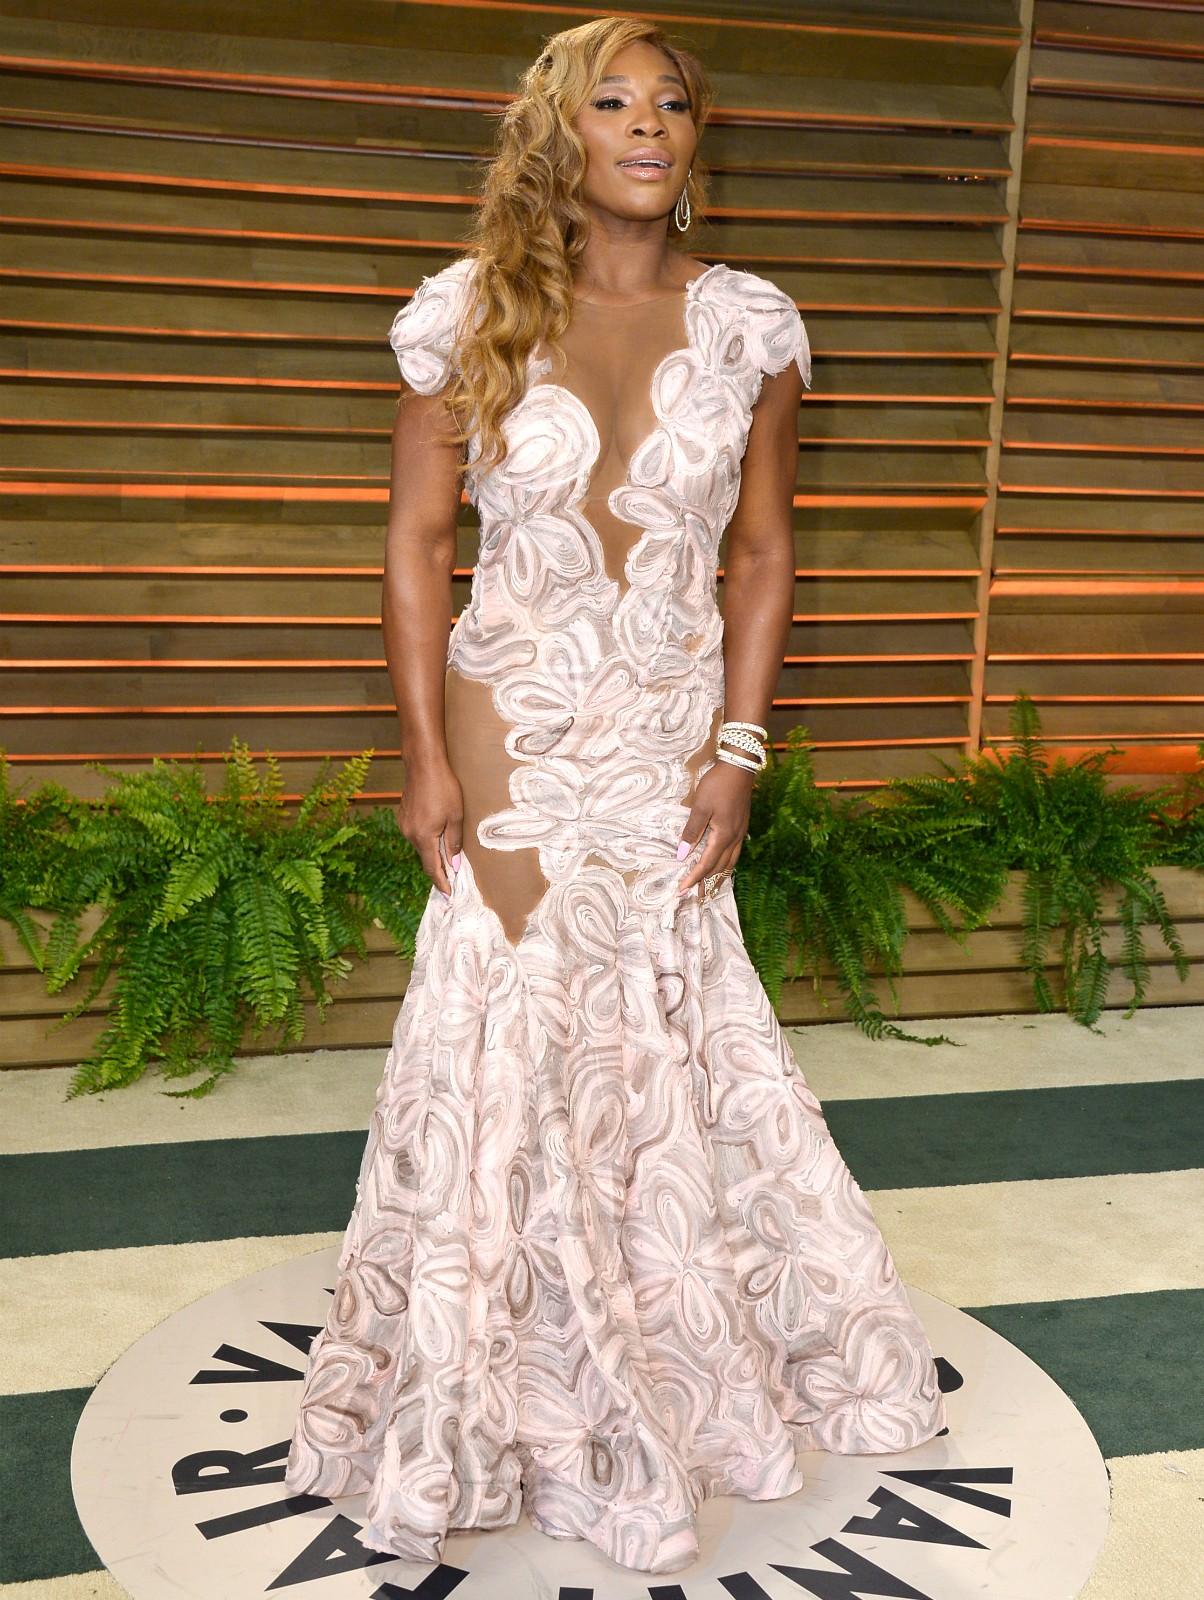 A melhor tenista do mundo, Serena Williams, na mesma festa. (Foto: Getty Images)